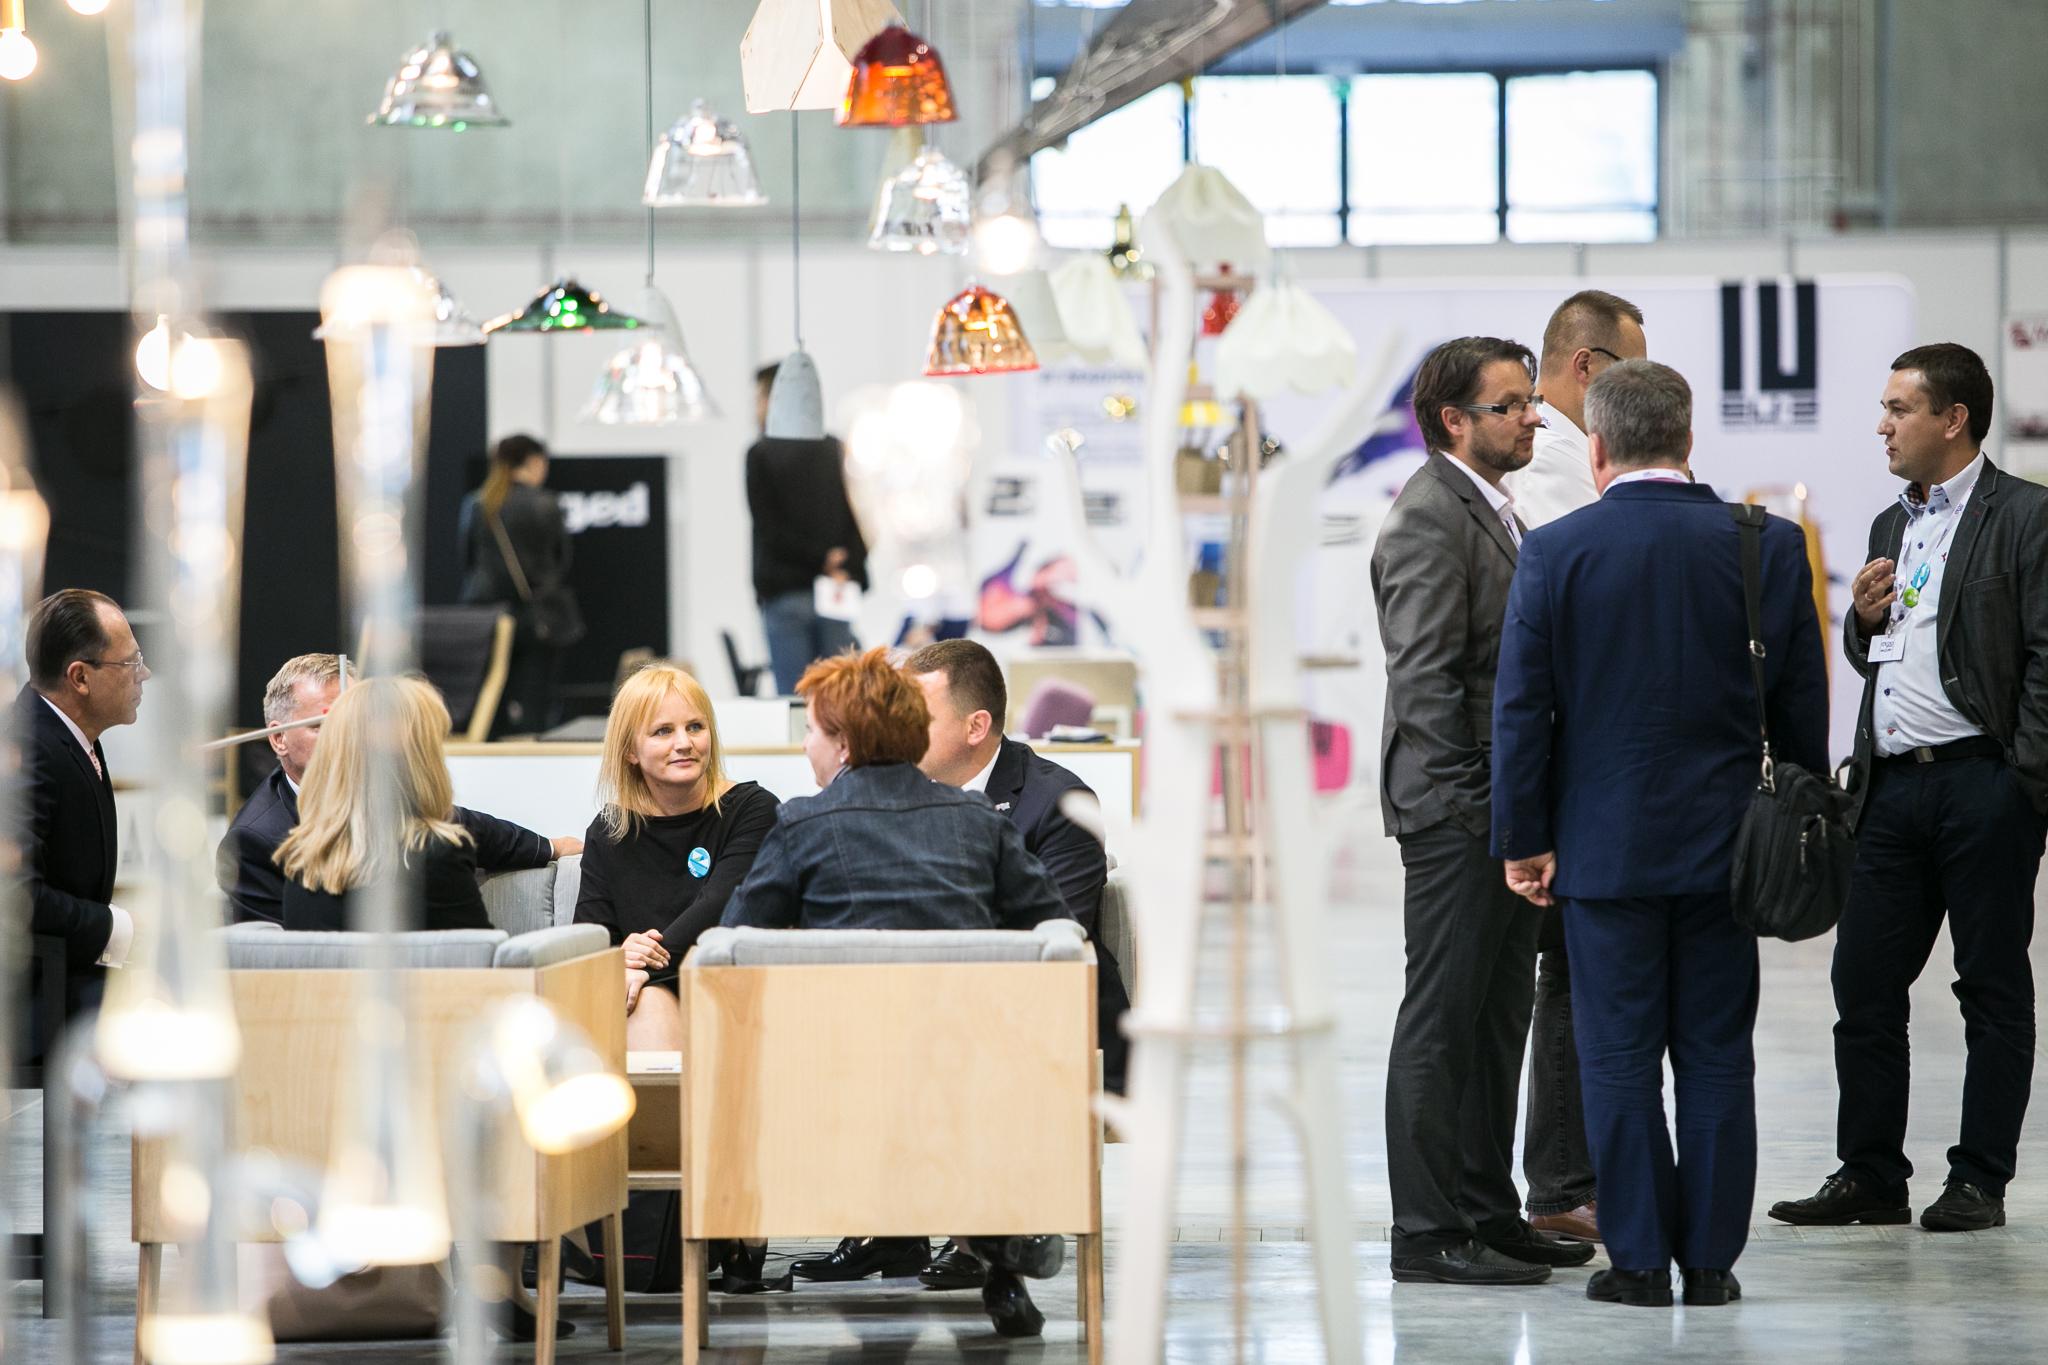 Impressionen - International Furniture Fair in Ostroda